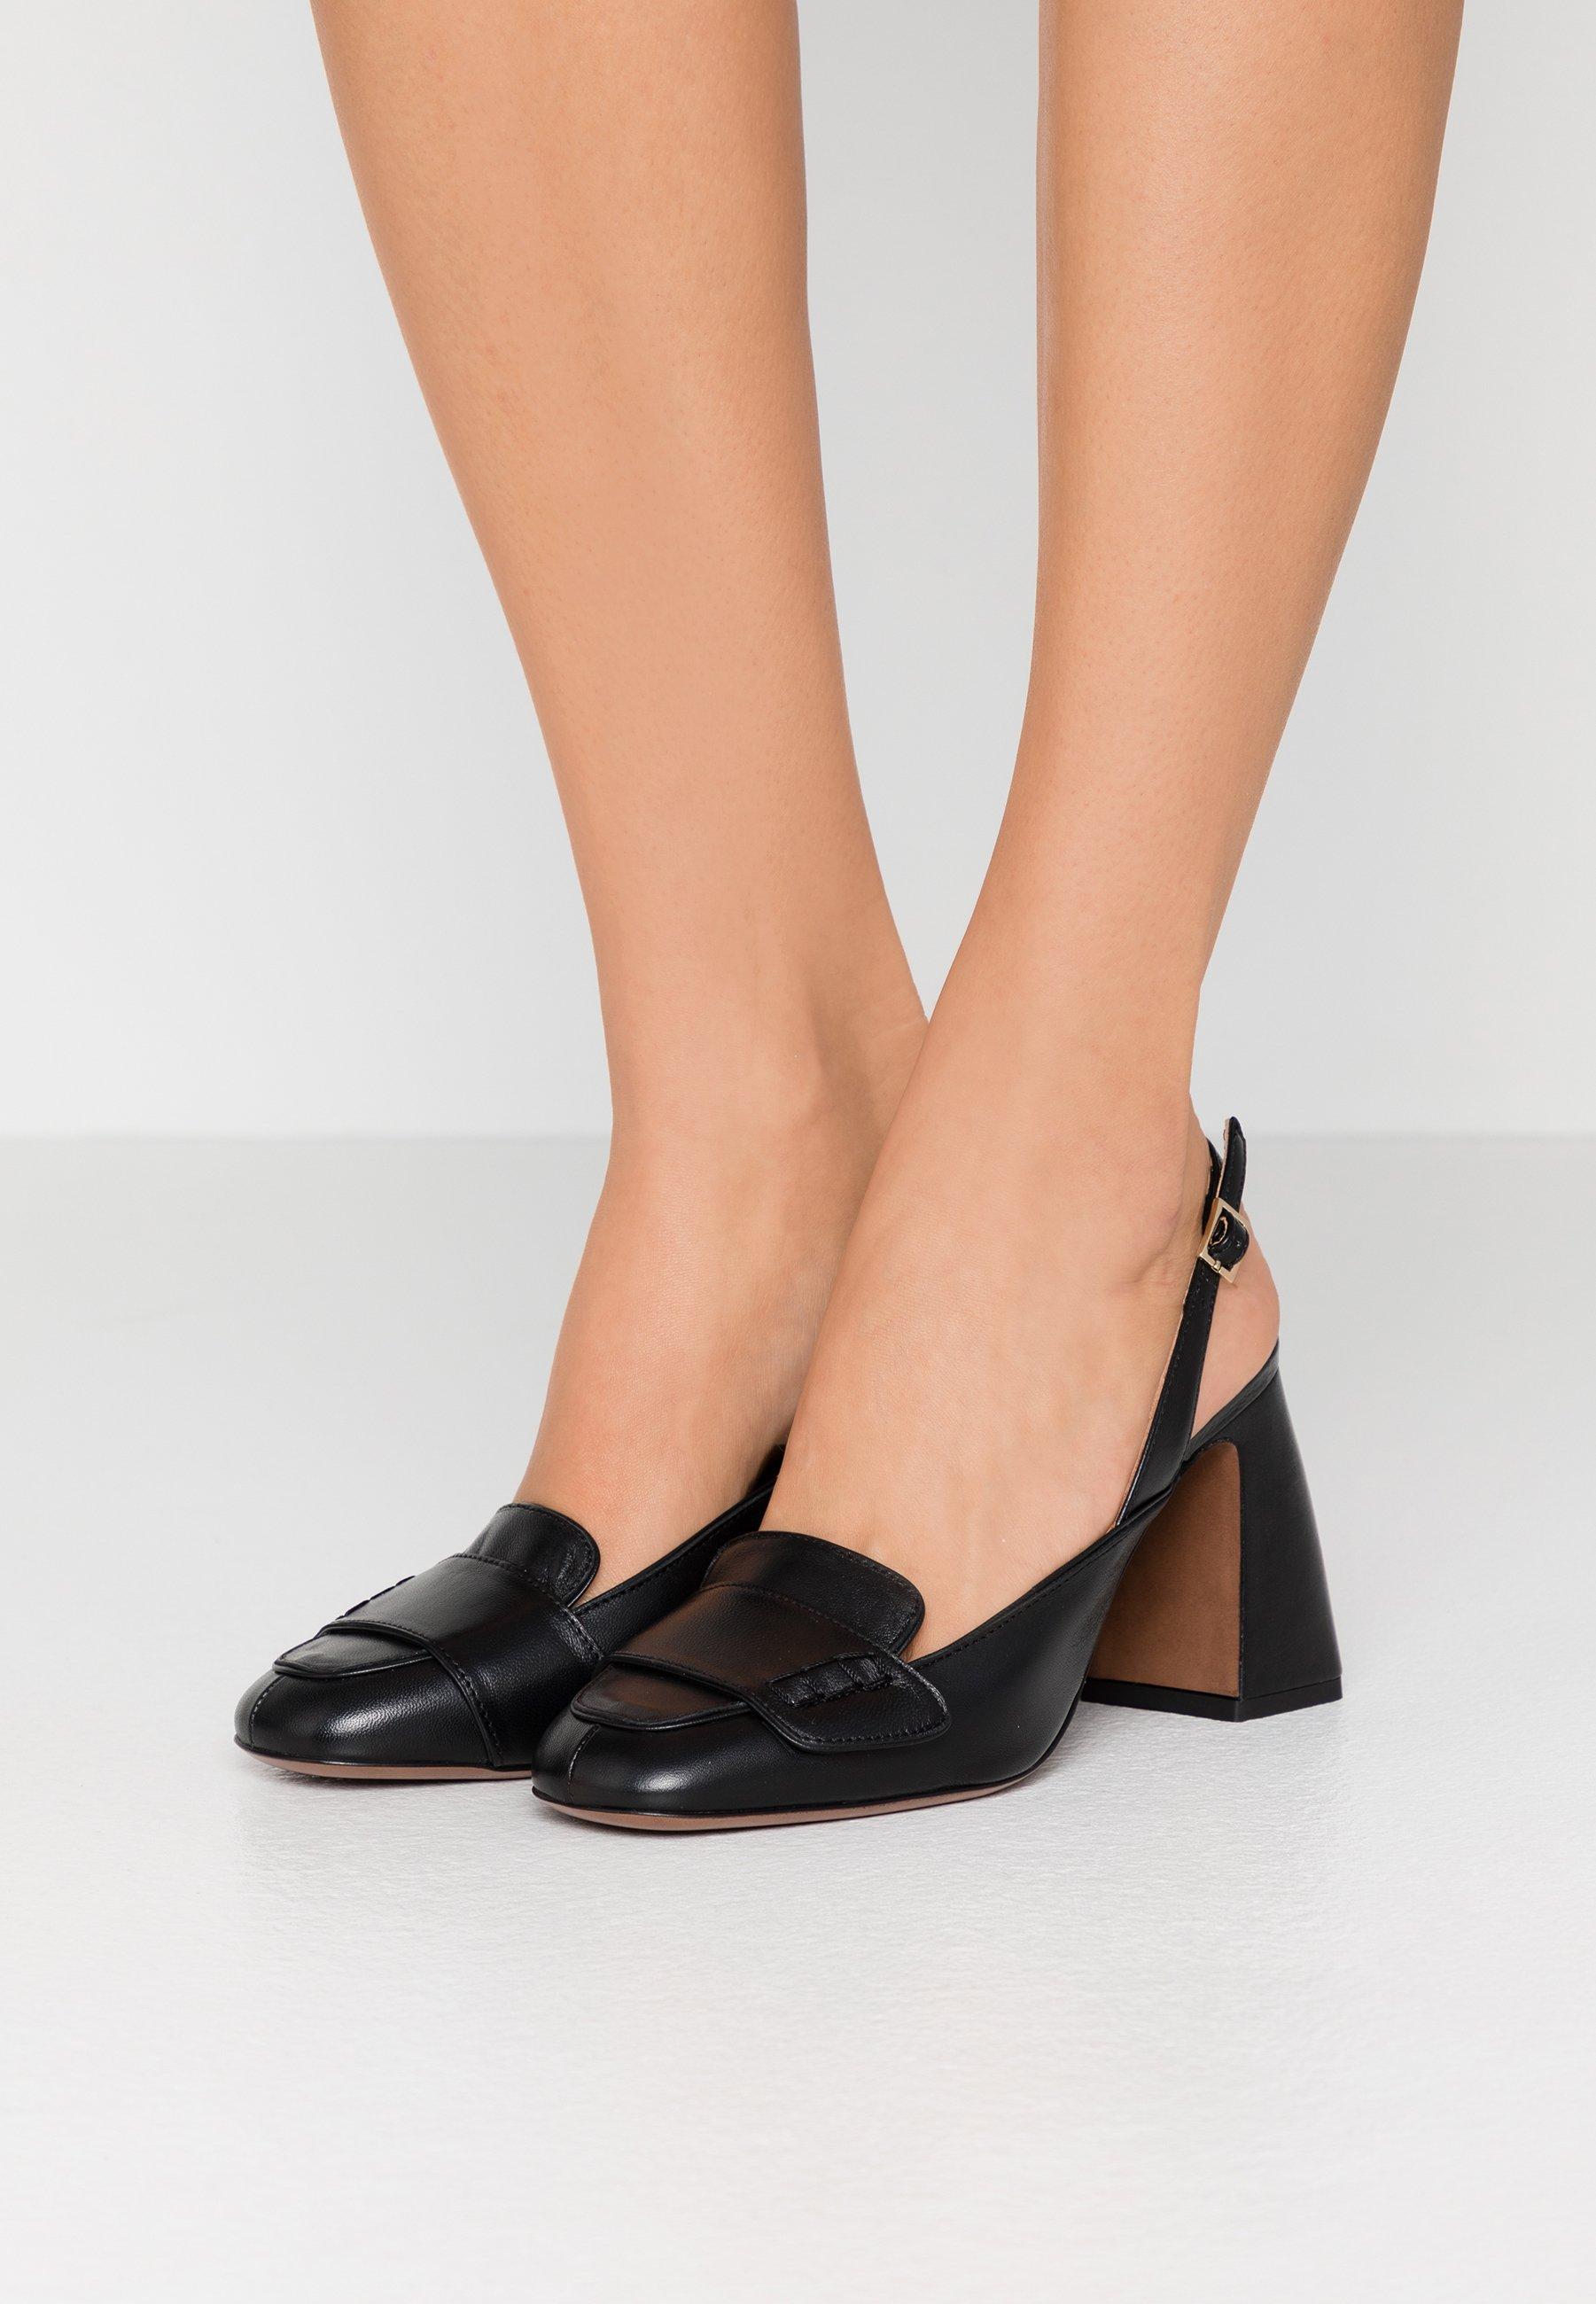 L'Autre Chose High Heel Pumps - black  Pumps für Damen DJMs5